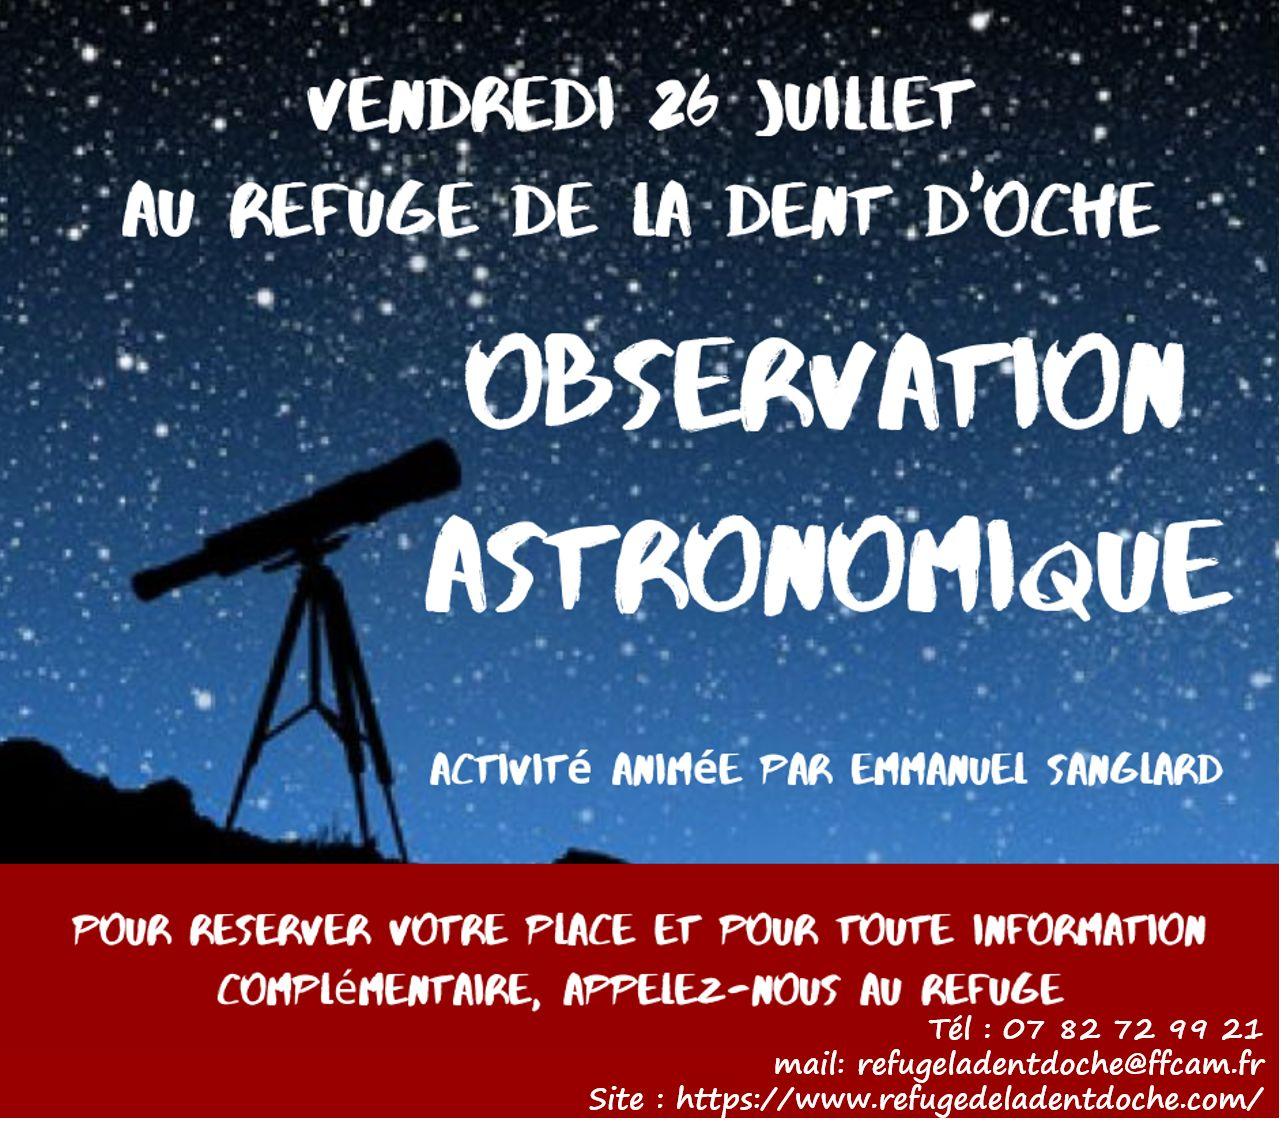 Astronomie Dent d'Oche